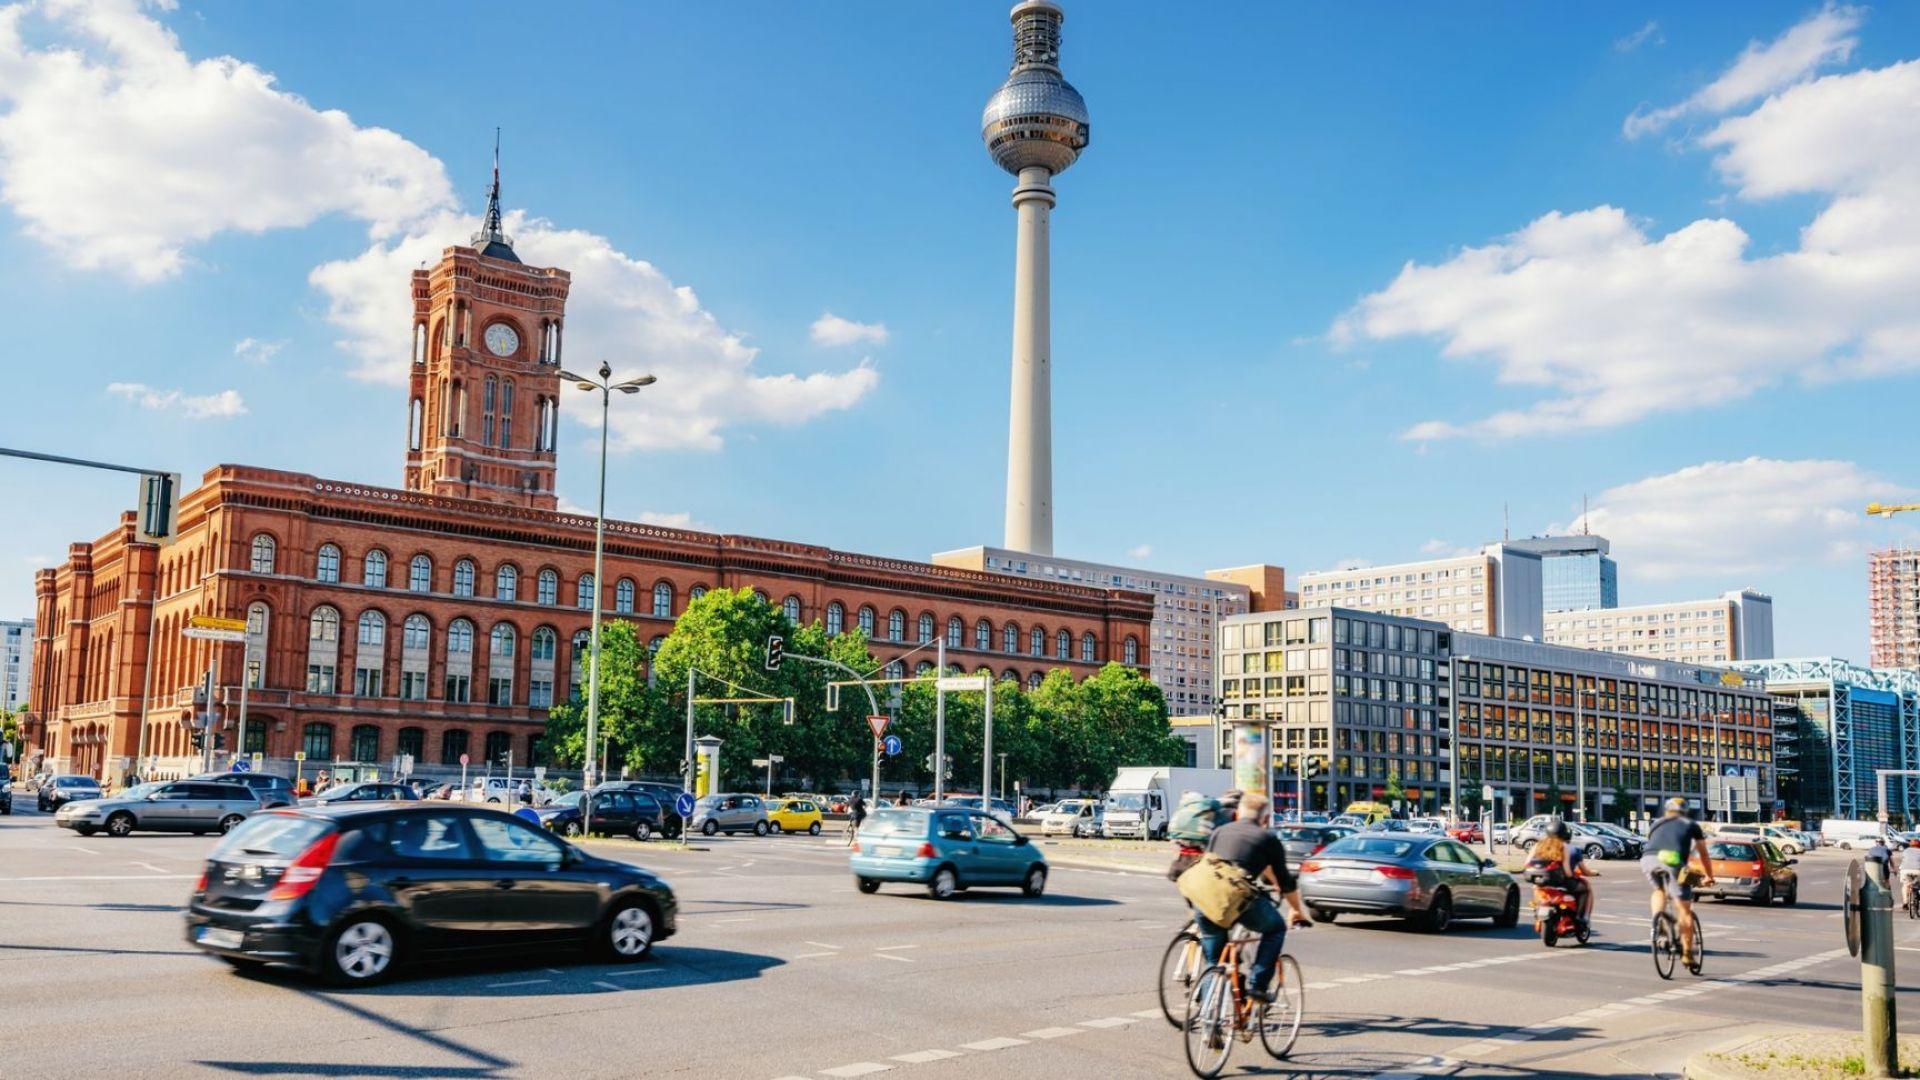 Малките немски фирми изтласкани към перифериите на градовете заради високите наеми